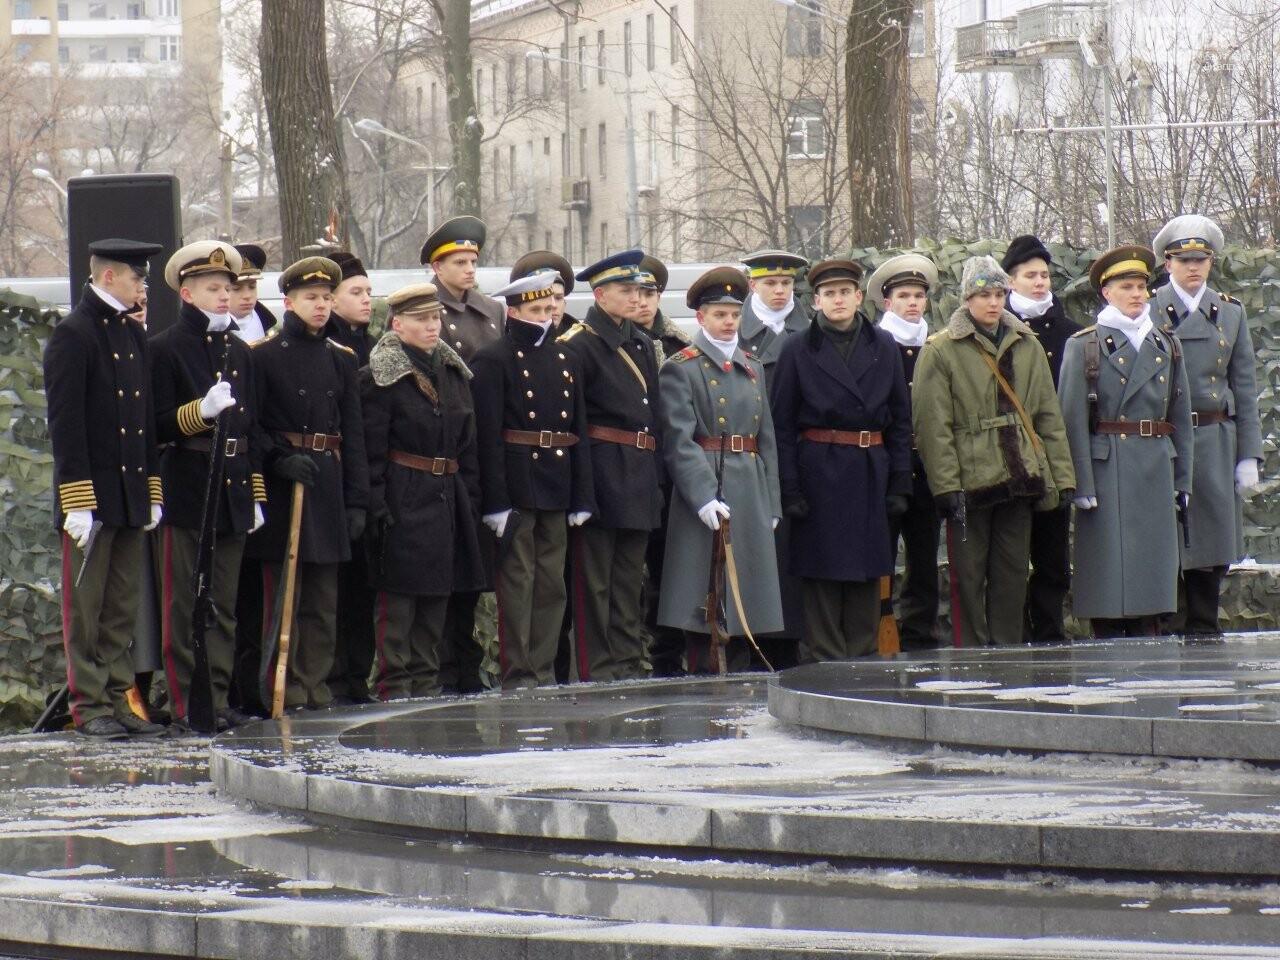 Выстрелы, военный оркестр и парад: как в Днепре проходит День памяти Героев Крут, - ФОТОРЕПОРТАЖ, фото-9